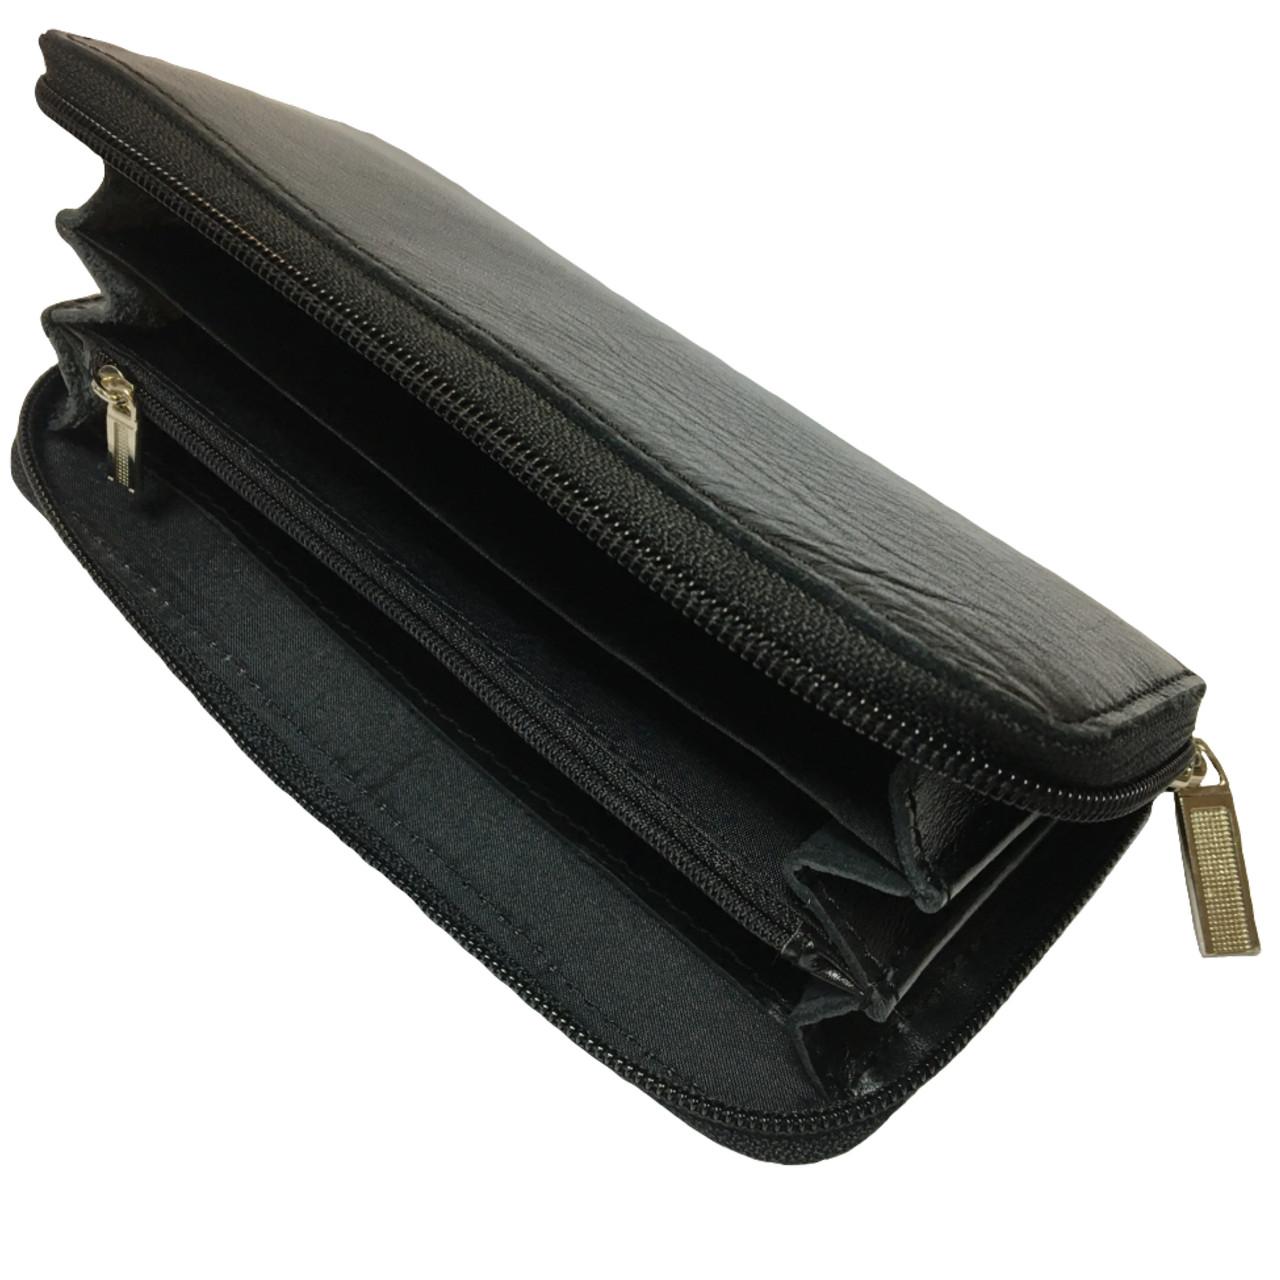 Кошельки CREZ из натуральной кожи (190х90mm) кожаные портмоне